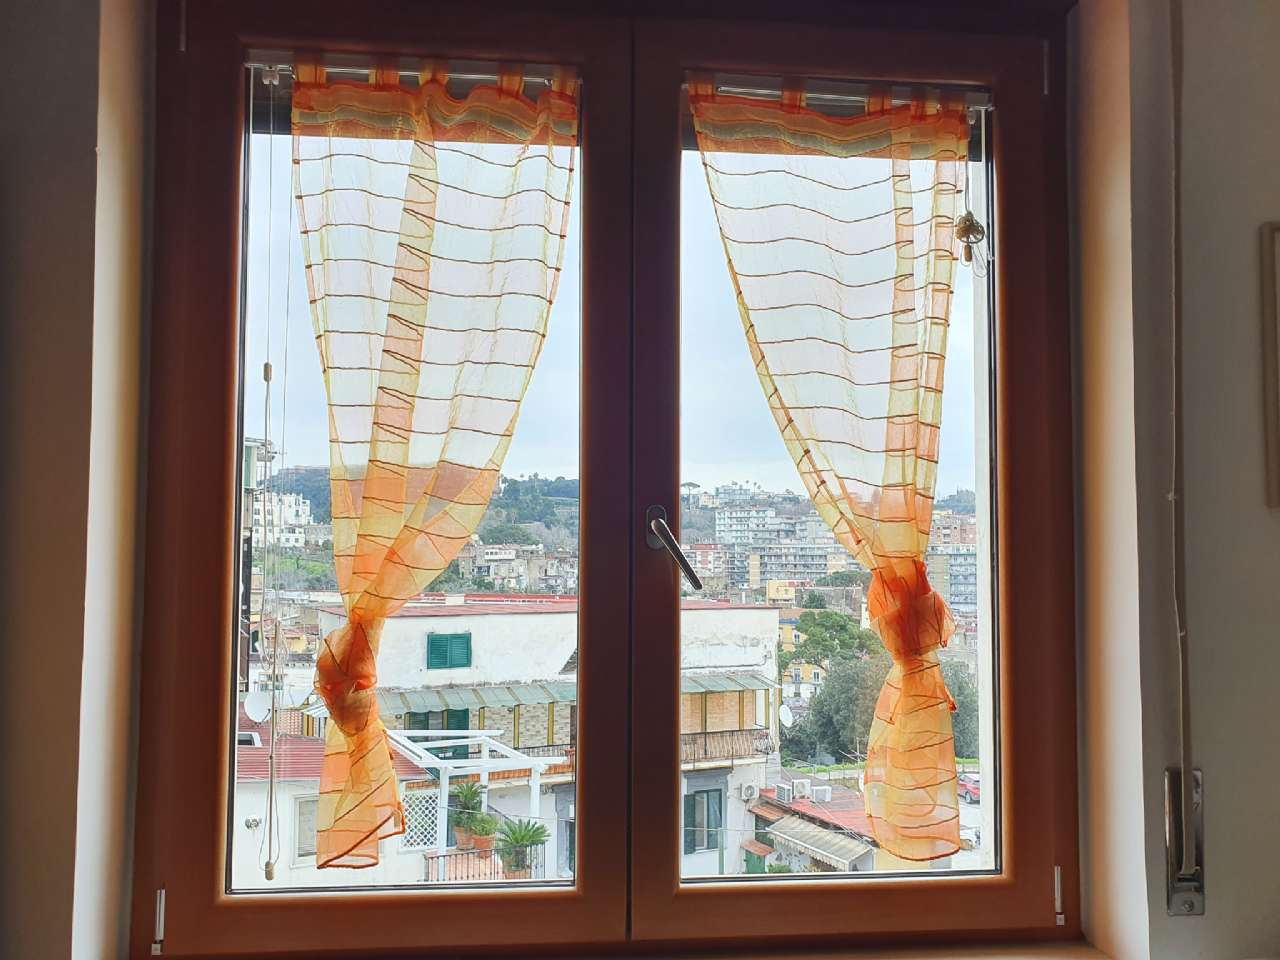 Salita Principi - Quadrilocale ristrutturato, Napoli, foto 6